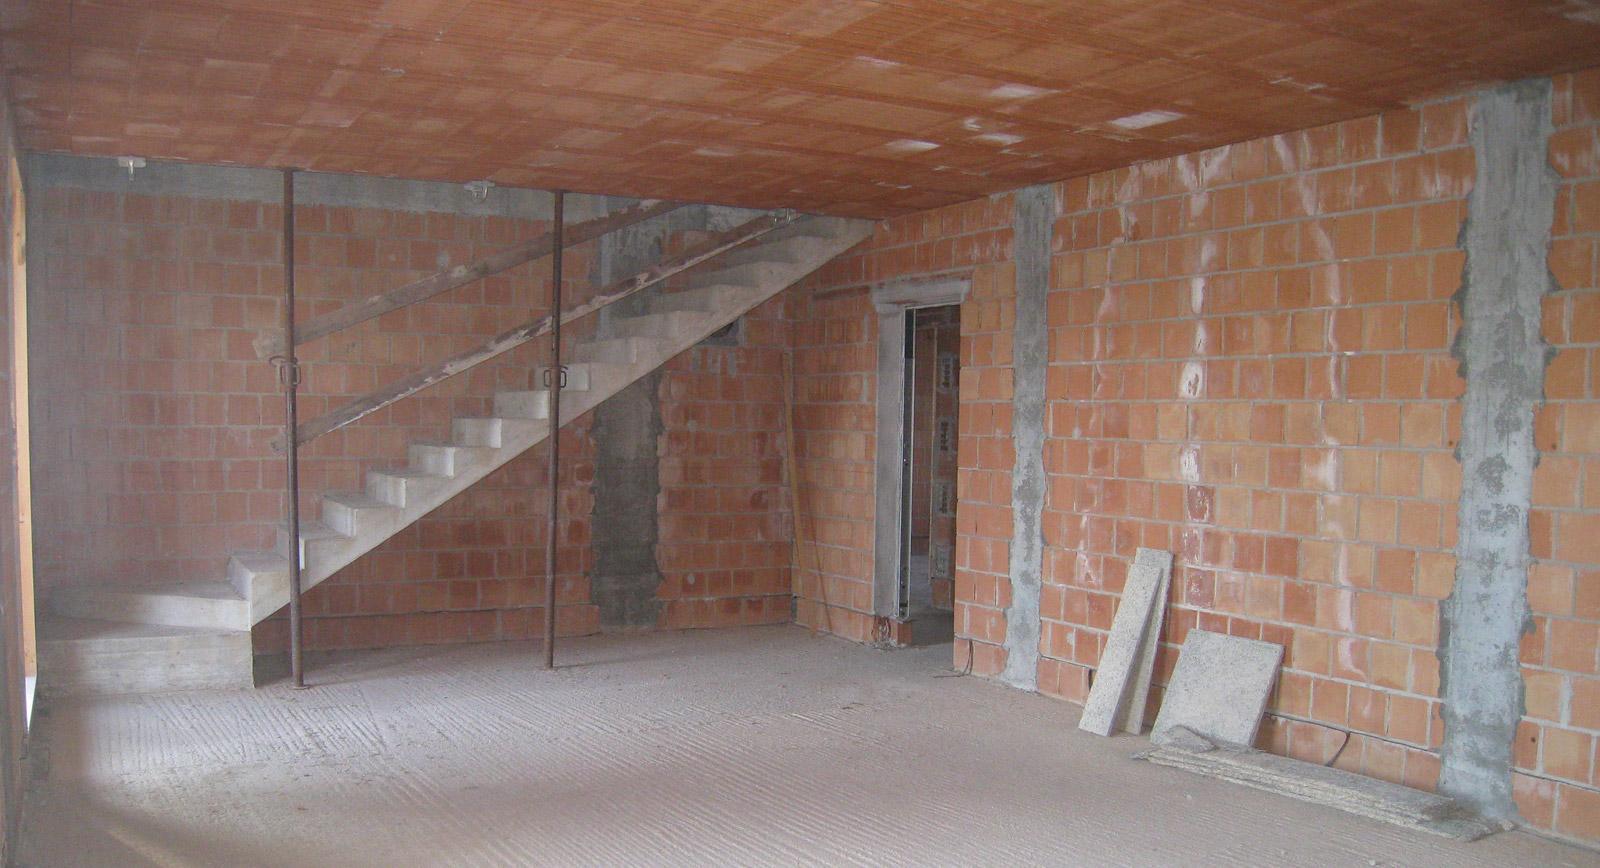 Costo Ristrutturazione Casa 50 Mq finire casa al grezzo | quanto costa finire casa al grezzo